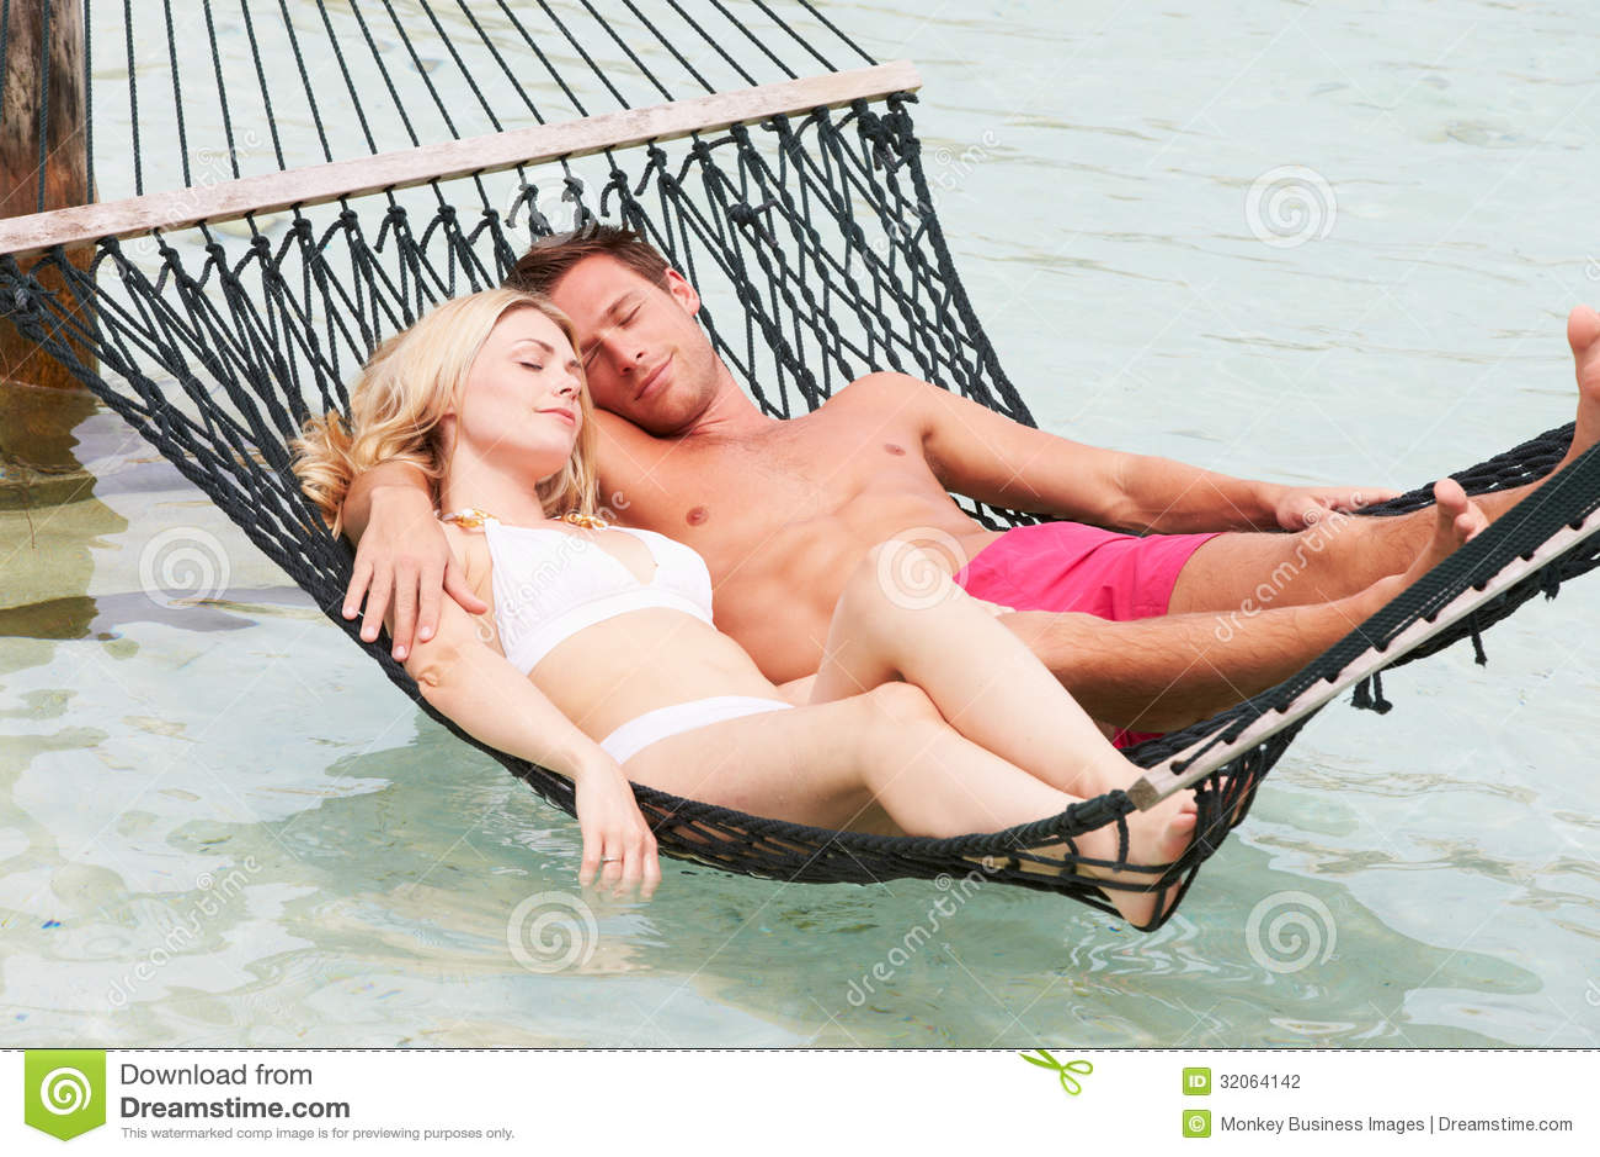 Секс на экзотических островах, гиг порно на острове видео смотреть HD порно 27 фотография